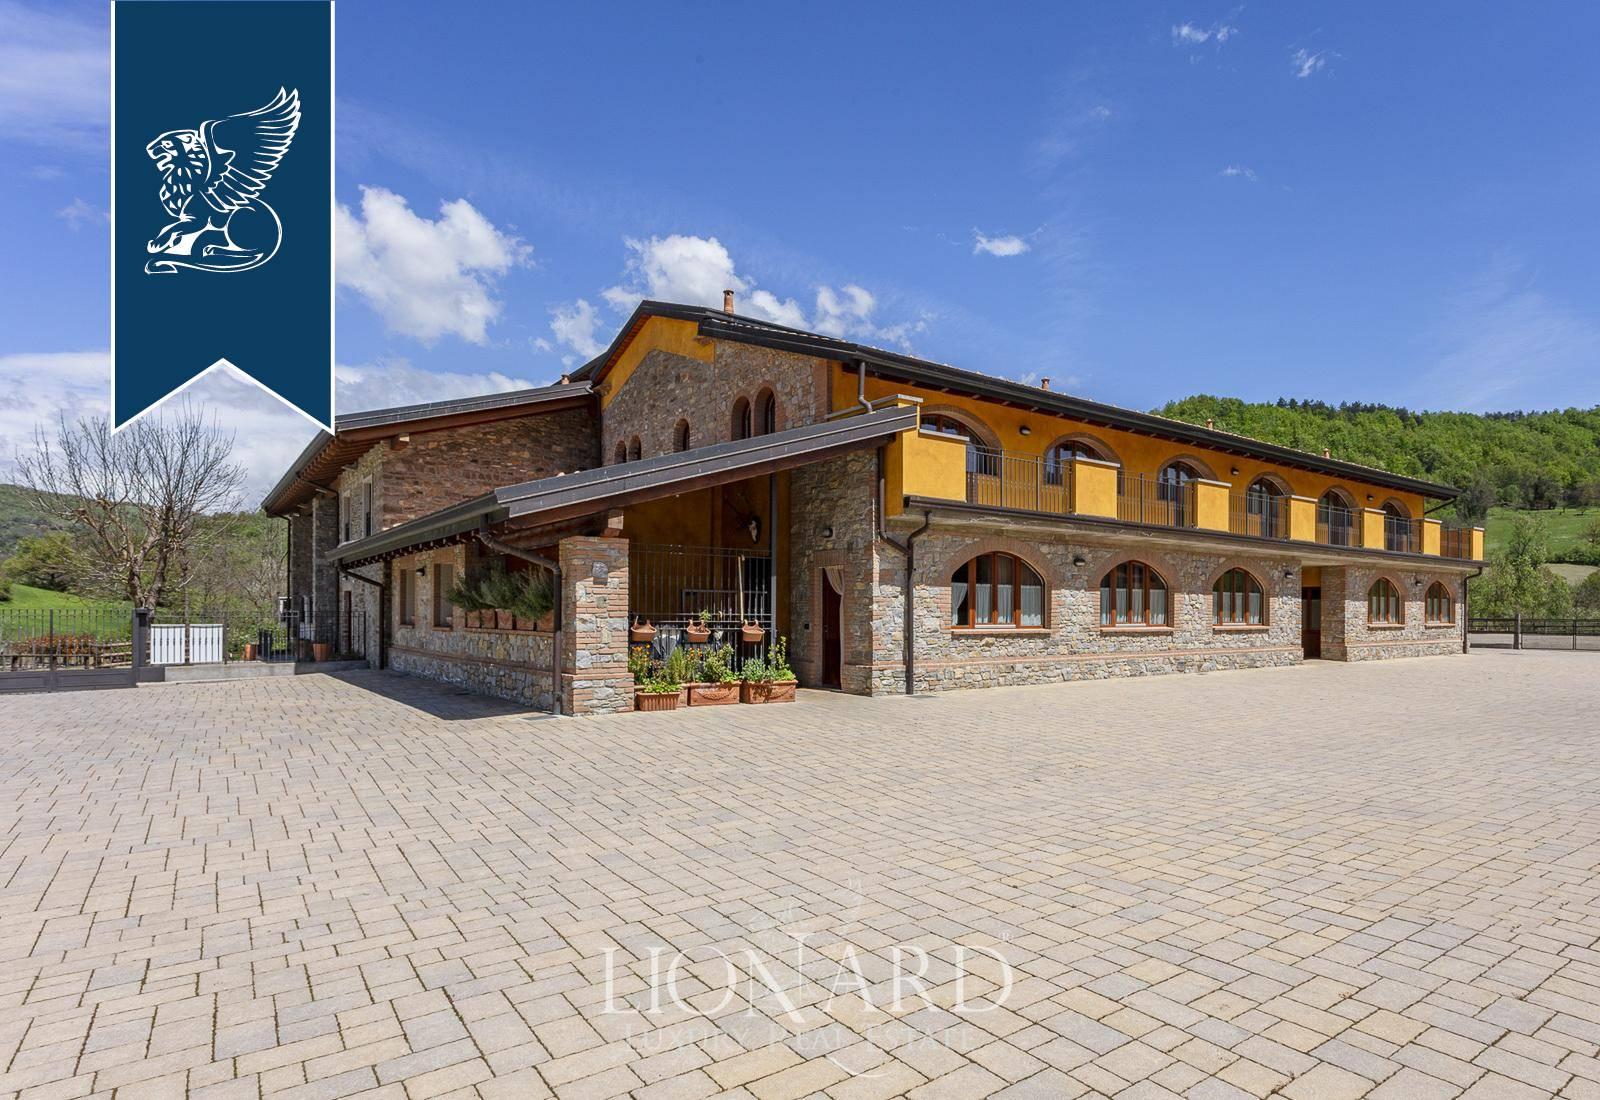 Agriturismo in Vendita a Dernice: 0 locali, 1469 mq - Foto 8